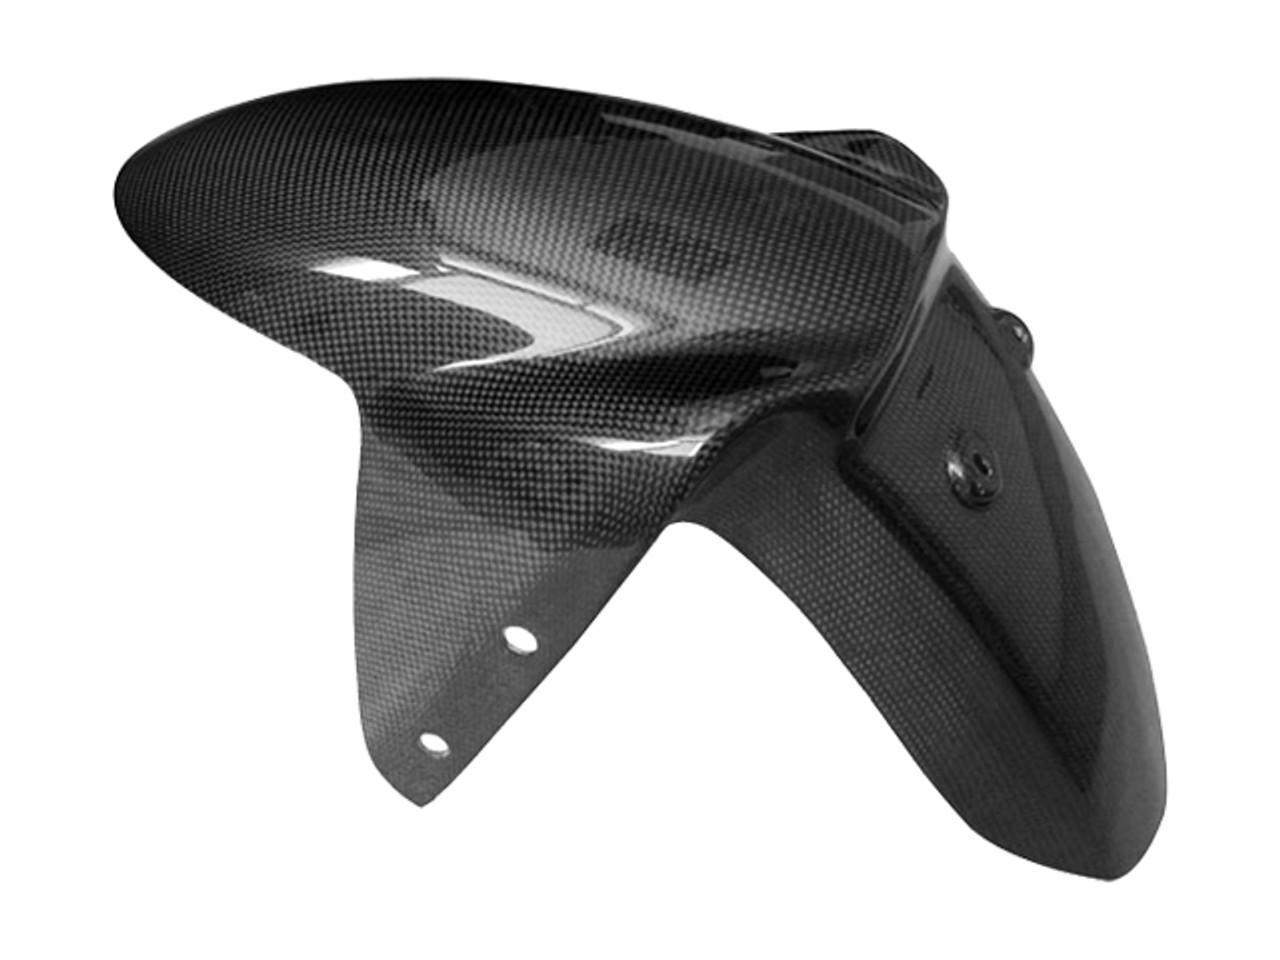 Triumph Speed Triple Carbon Fiber Parts